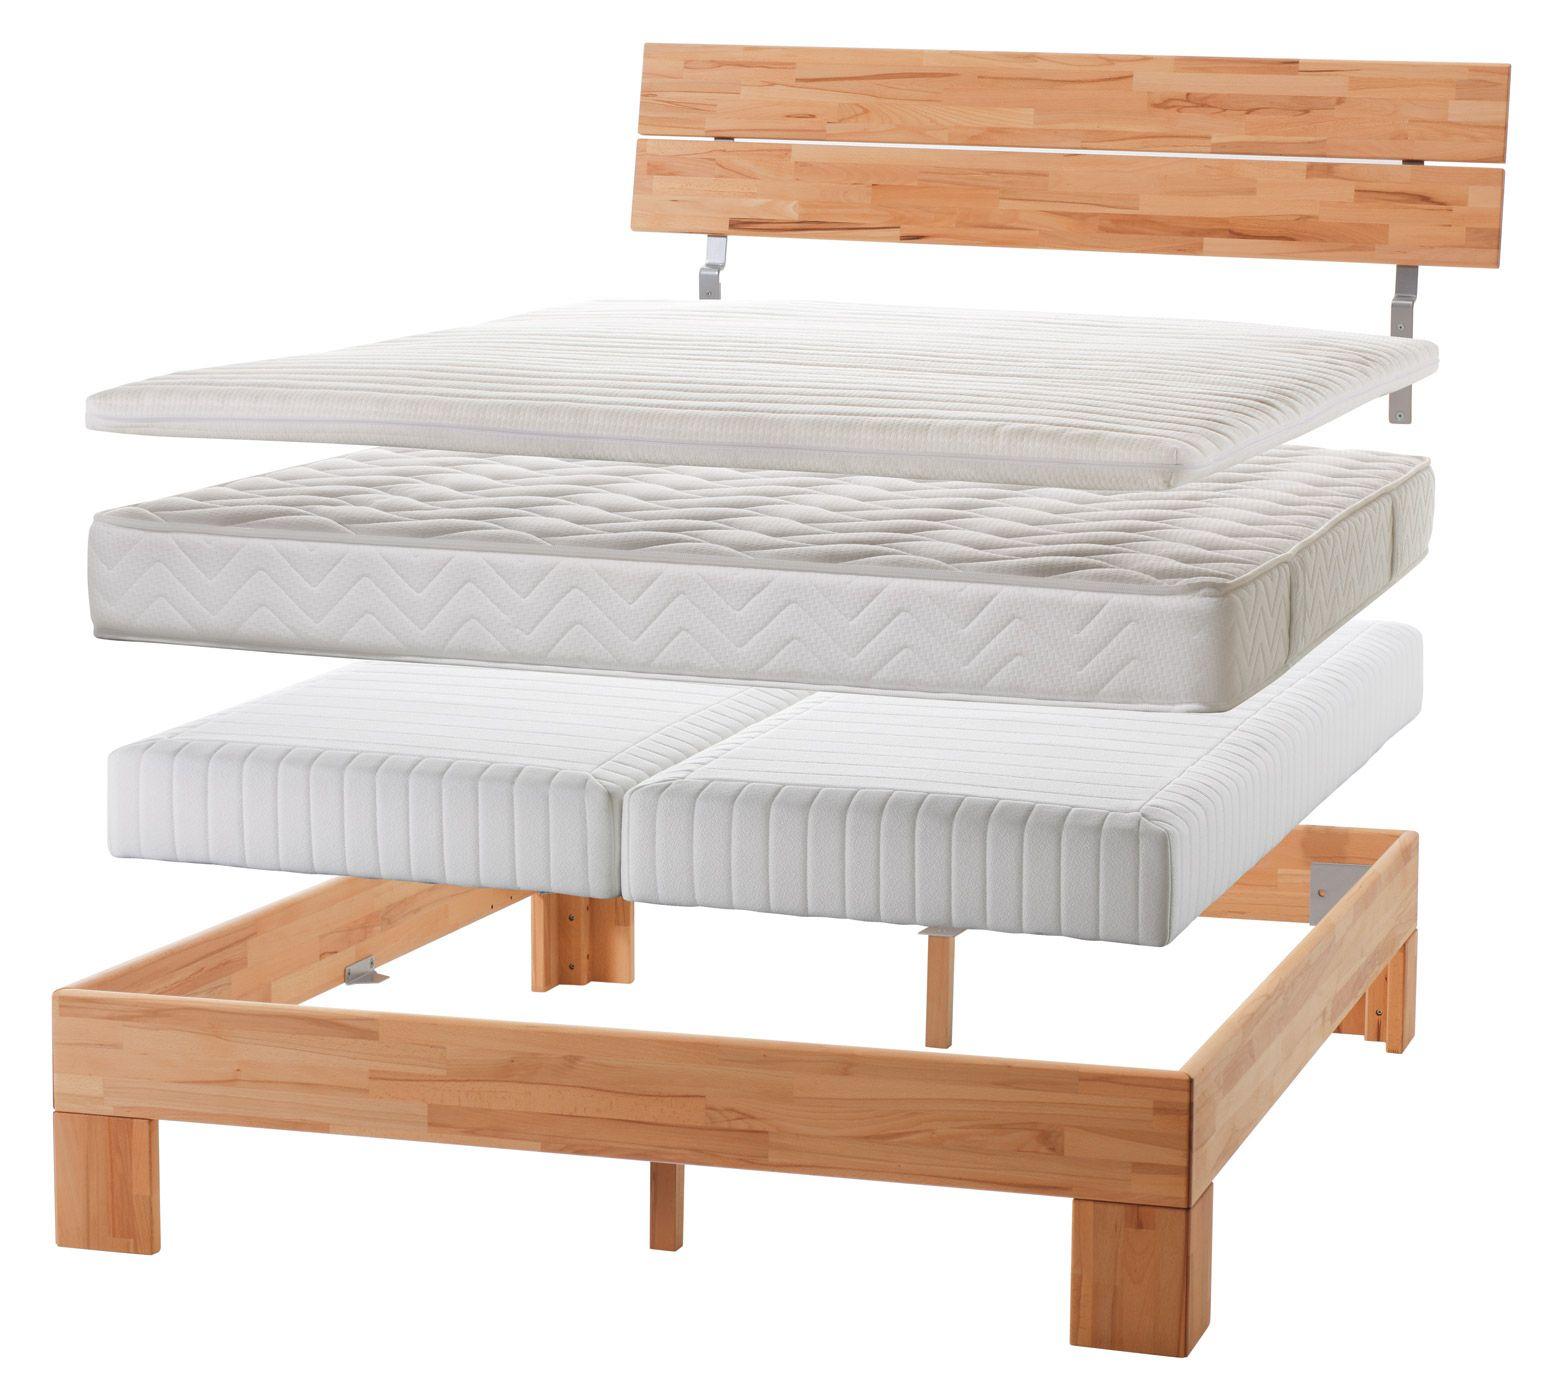 EinlegeBoxspringsystem für Bett mit einem Kopfteil